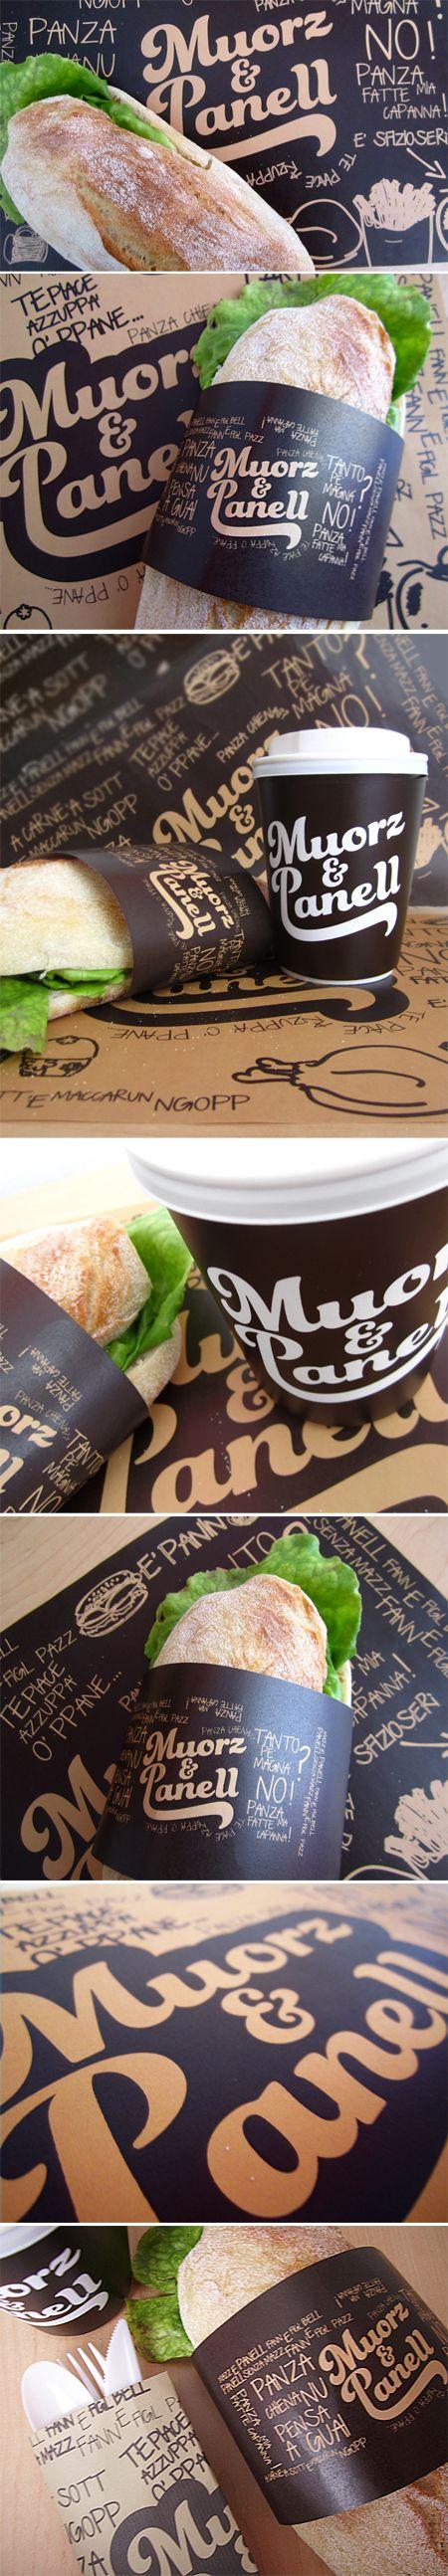 ILAS - CORSI DI GRAFICA PUBBLICITARIA Muorz & Panell sandwiches for lunch #packaging PD